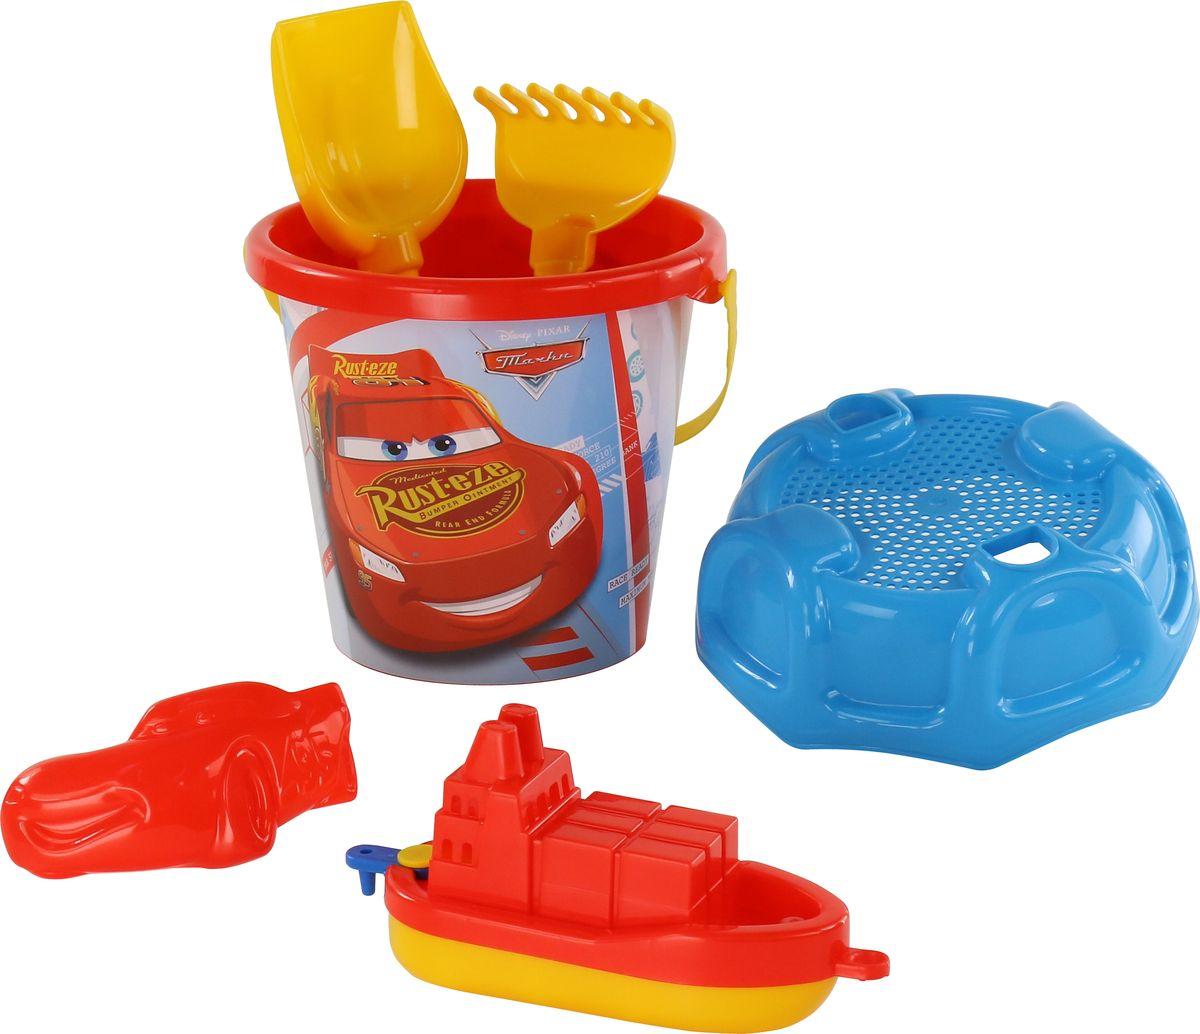 Disney / Pixar Набор игрушек для песочницы Тачки №26, 6 предметов, цвет в ассортименте цена 2017